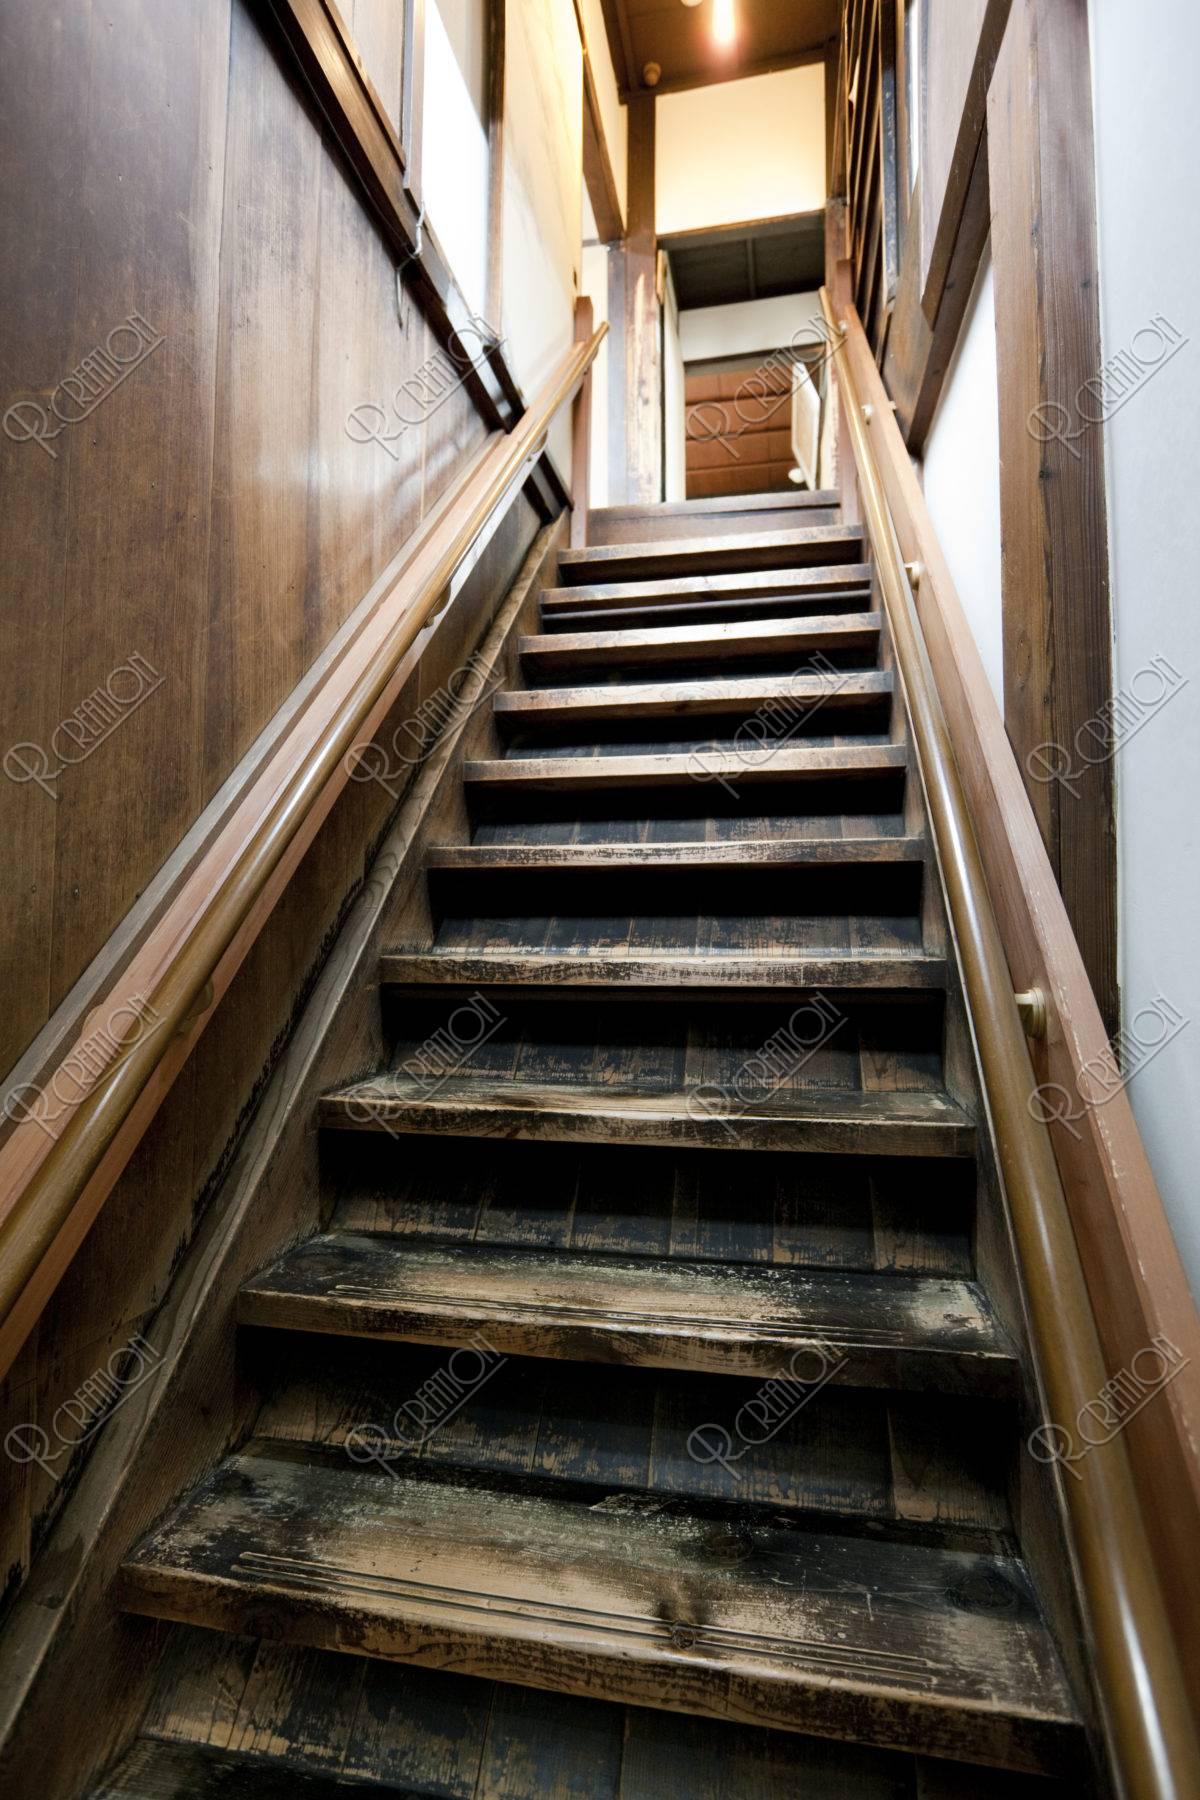 寺田屋 階段